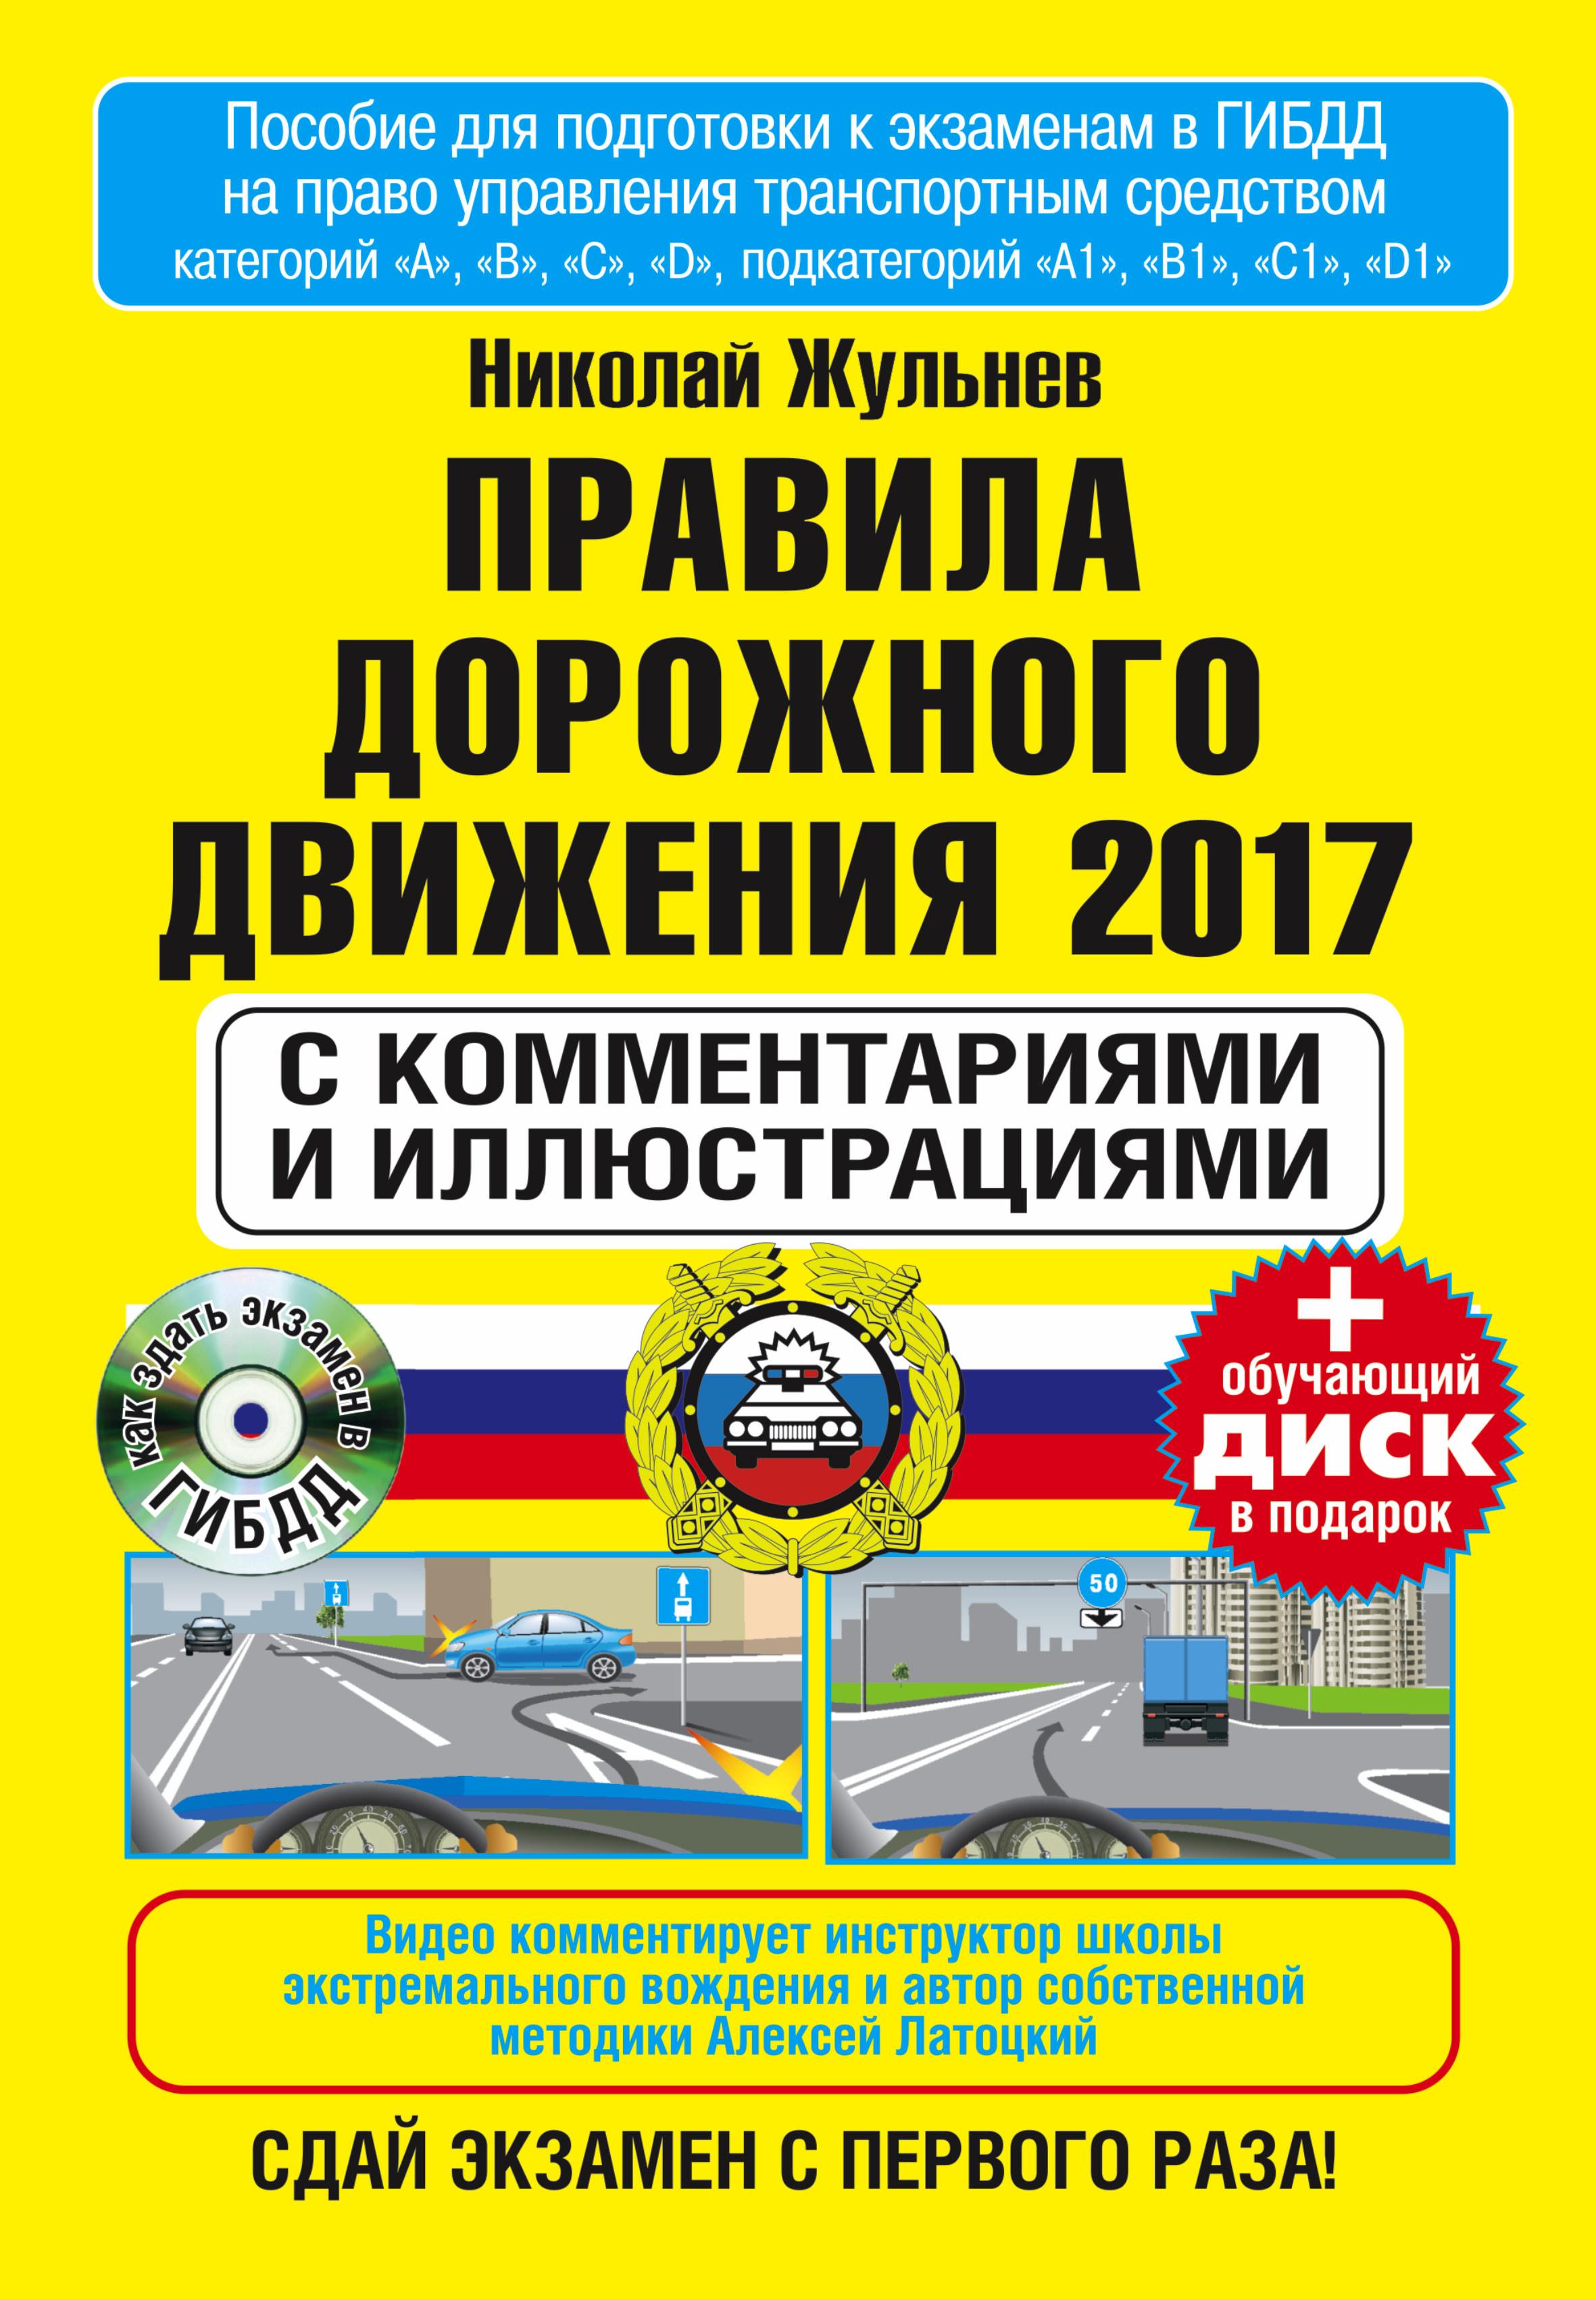 Правила дорожногодвижения 2017 с комментариями и иллюстрациями+обучающий диск